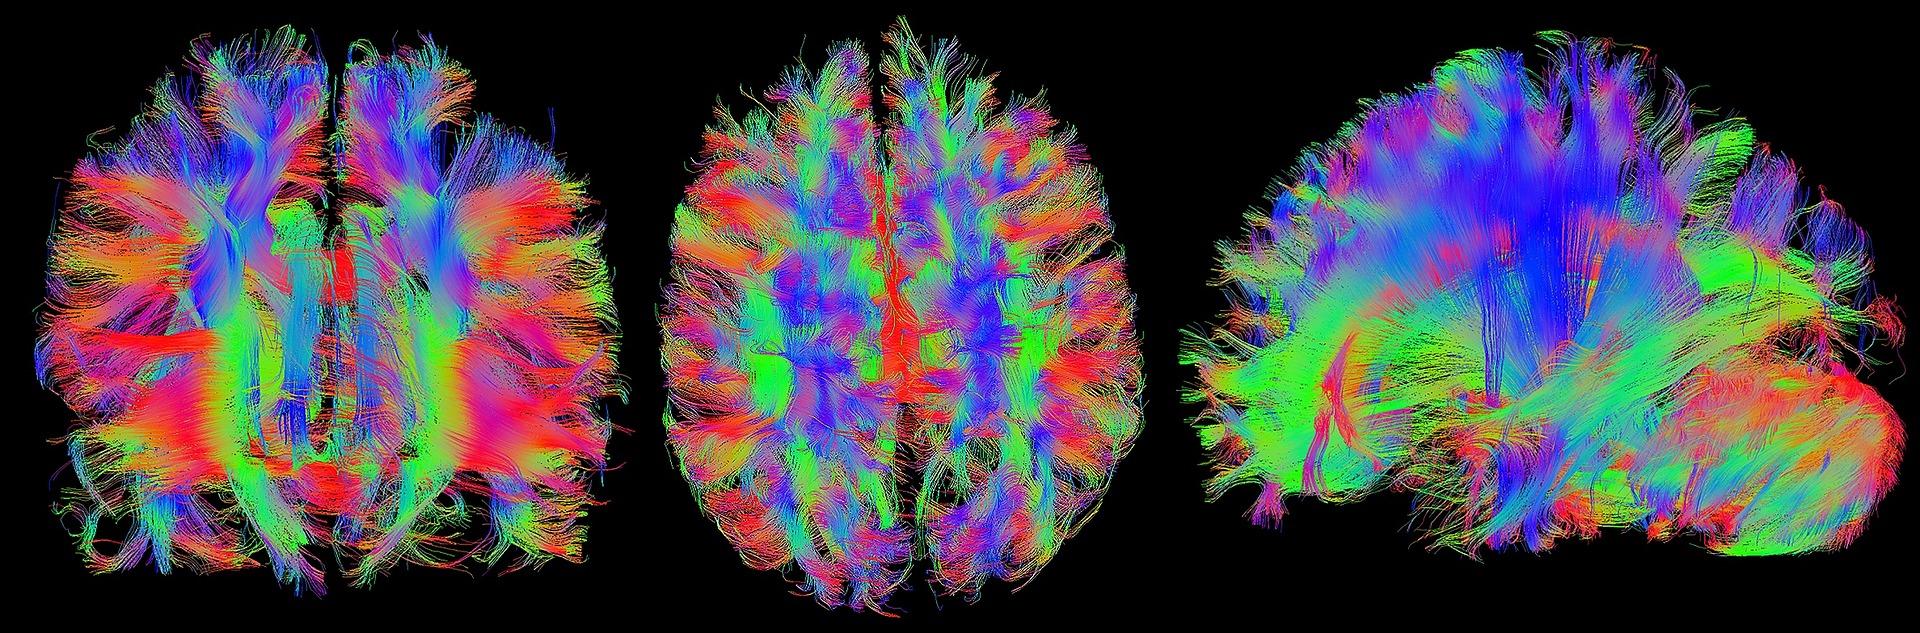 MRI brain.jpg